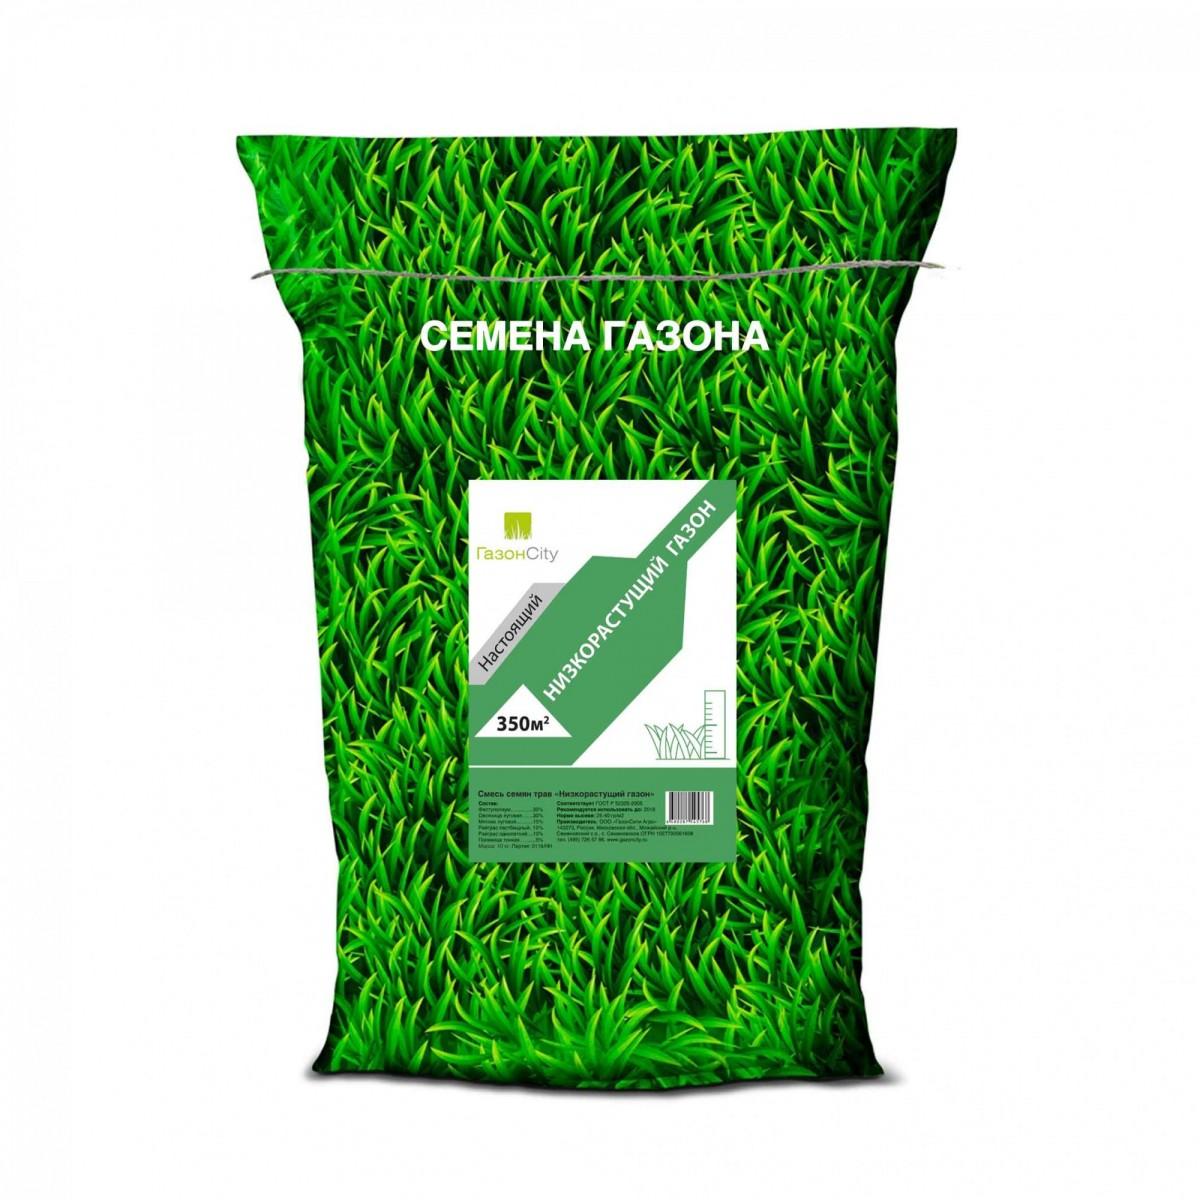 Настоящий Низкорастущий газон 10 кг